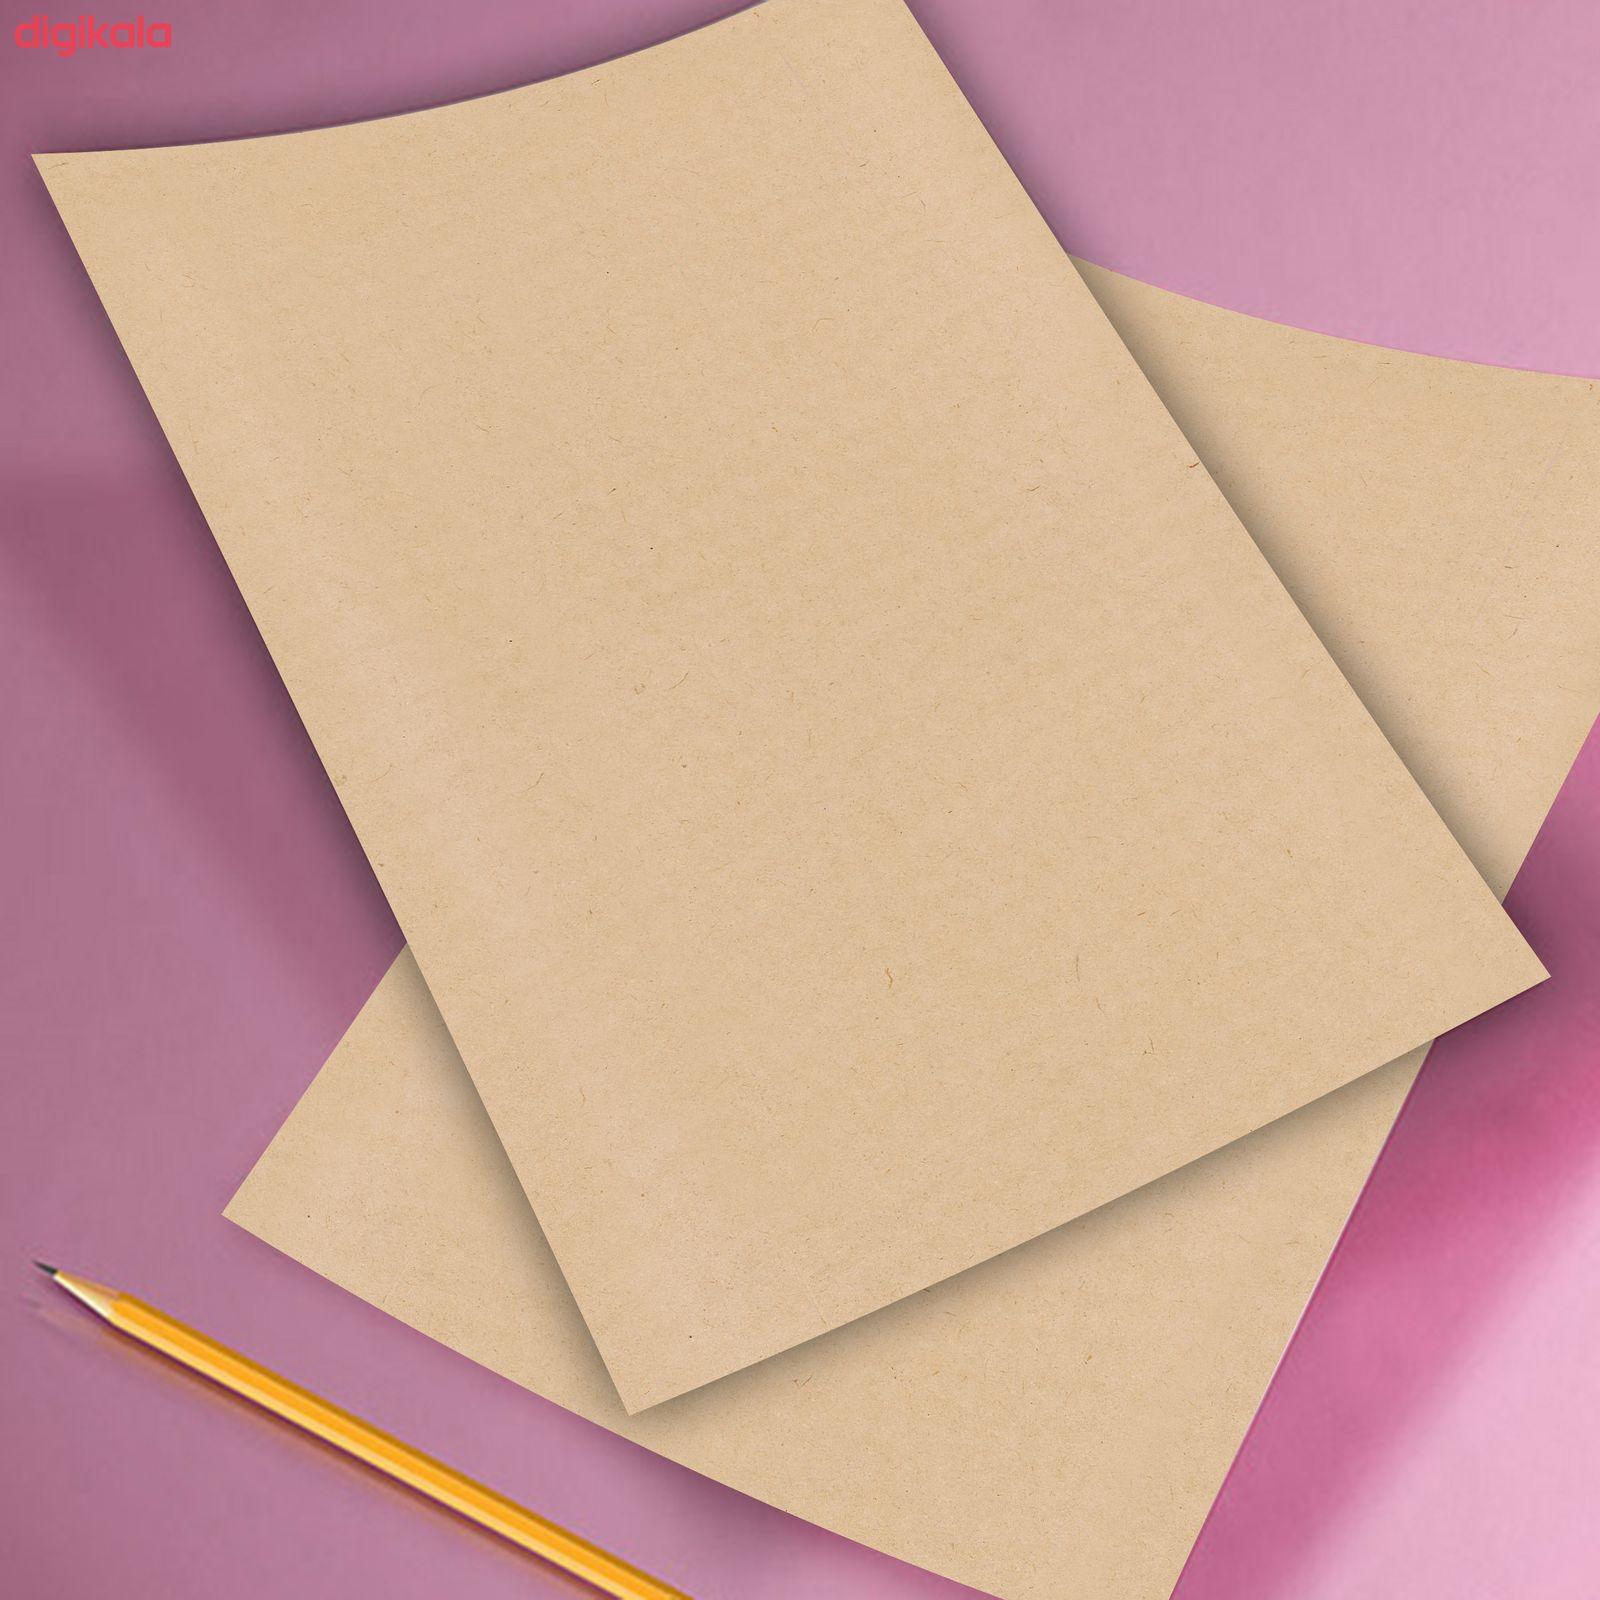 کاغذ کرافت مستر رادکد  1436بسته 50 عددی main 1 21